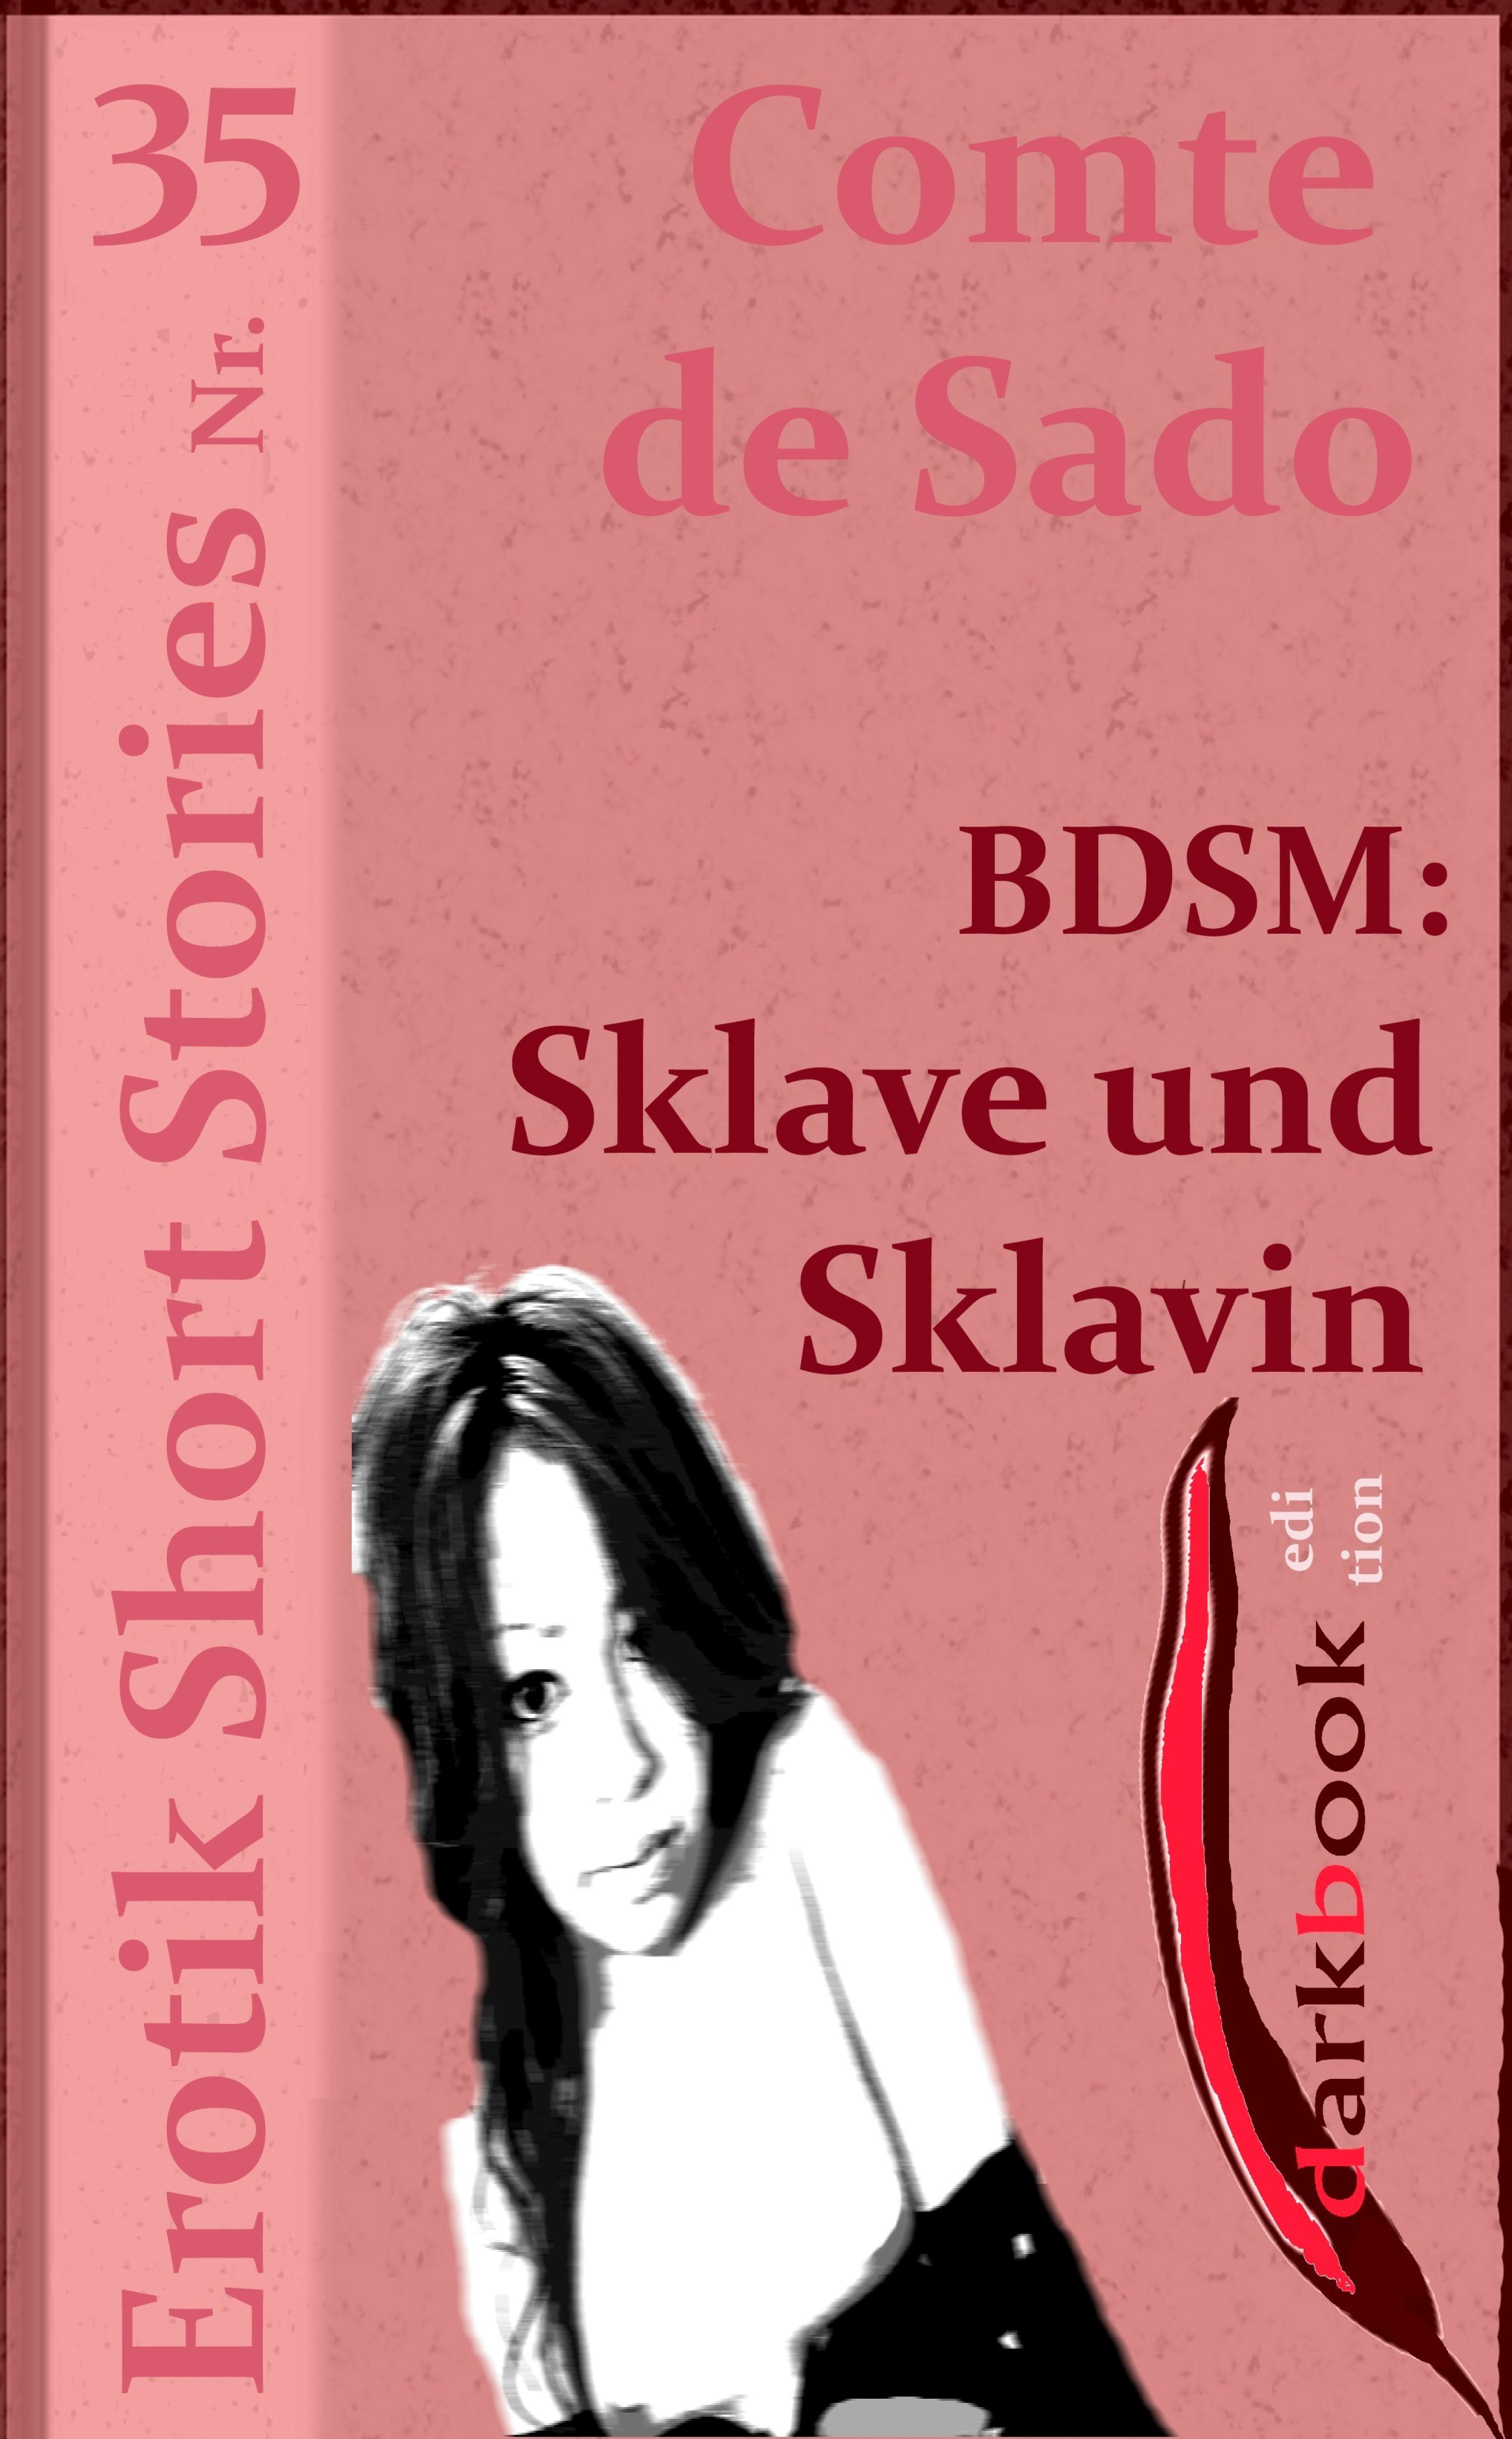 Comte de Sado BDSM: Sklave und Sklavin comte de sado bdsm rosi weiß was jünglinge brauchen